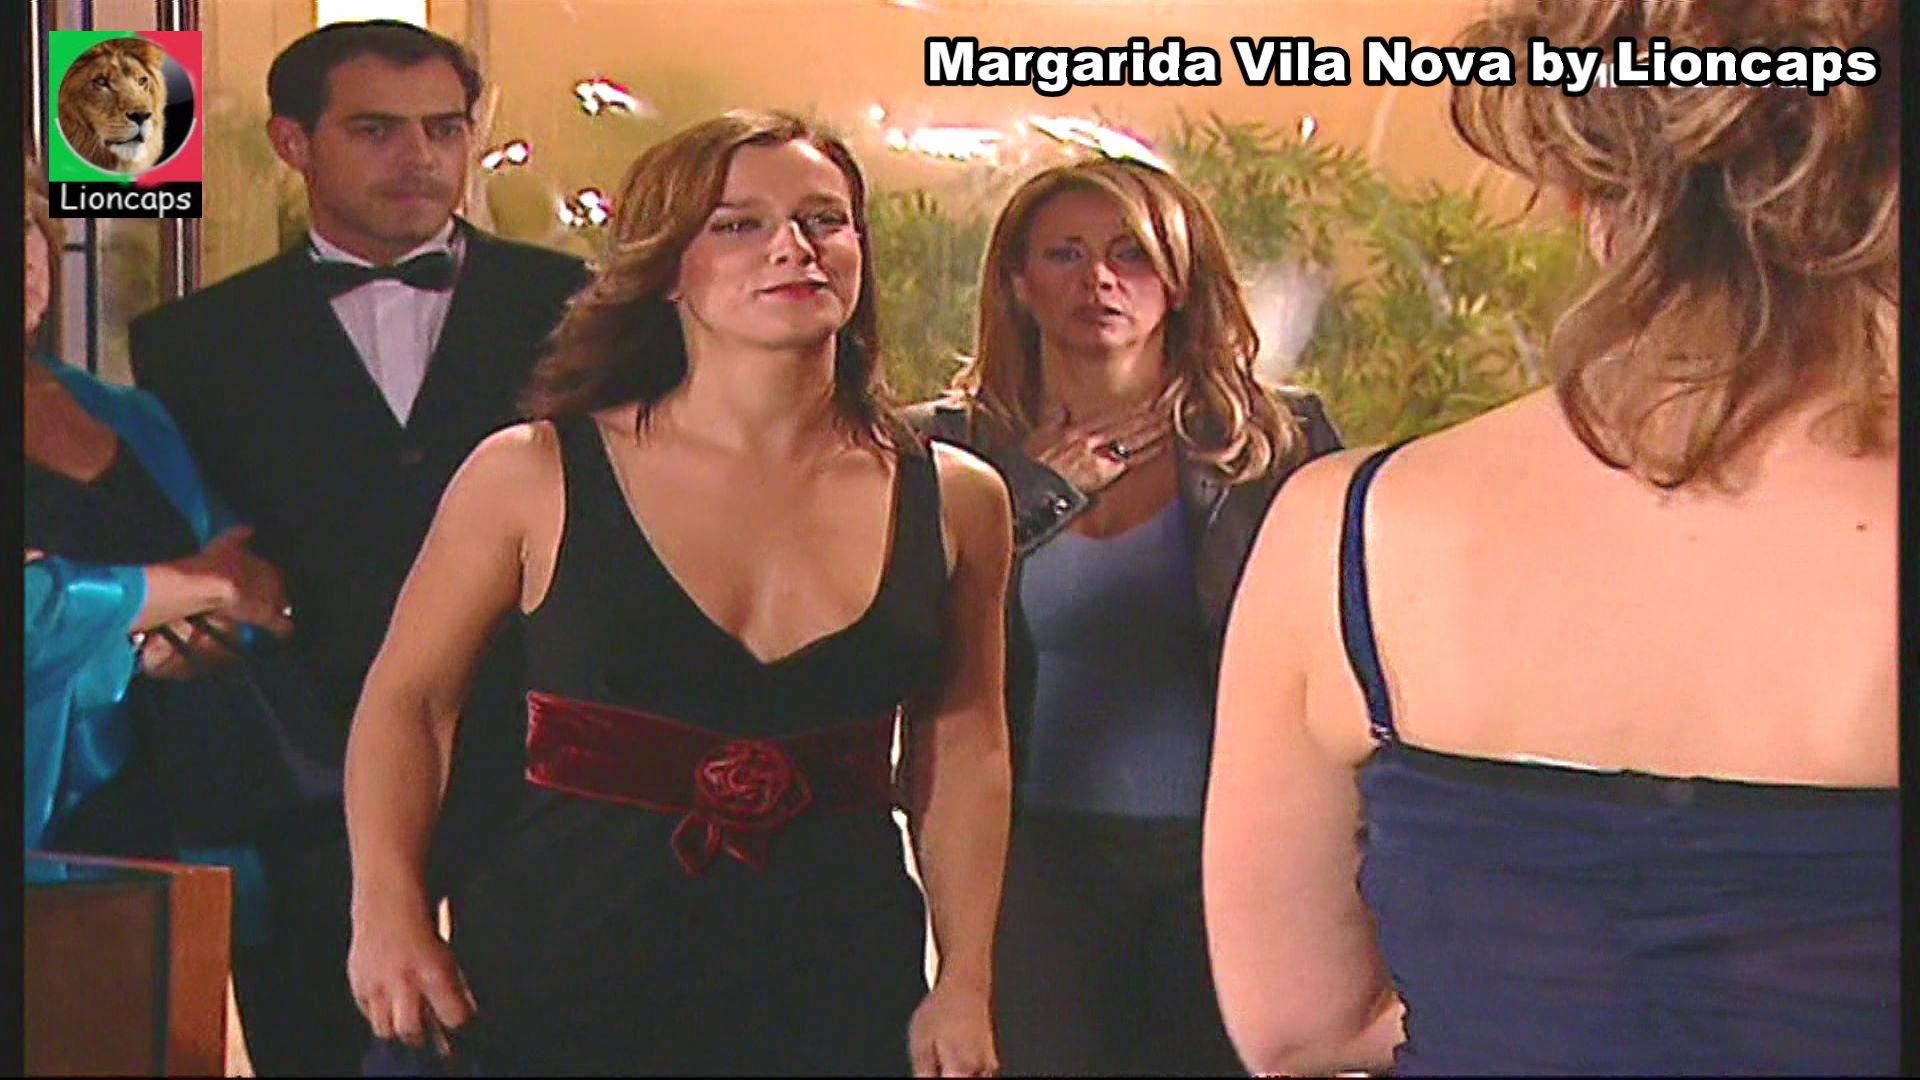 581503984_margarida_vila_nova_vs181223_1322_122_428lo.JPG